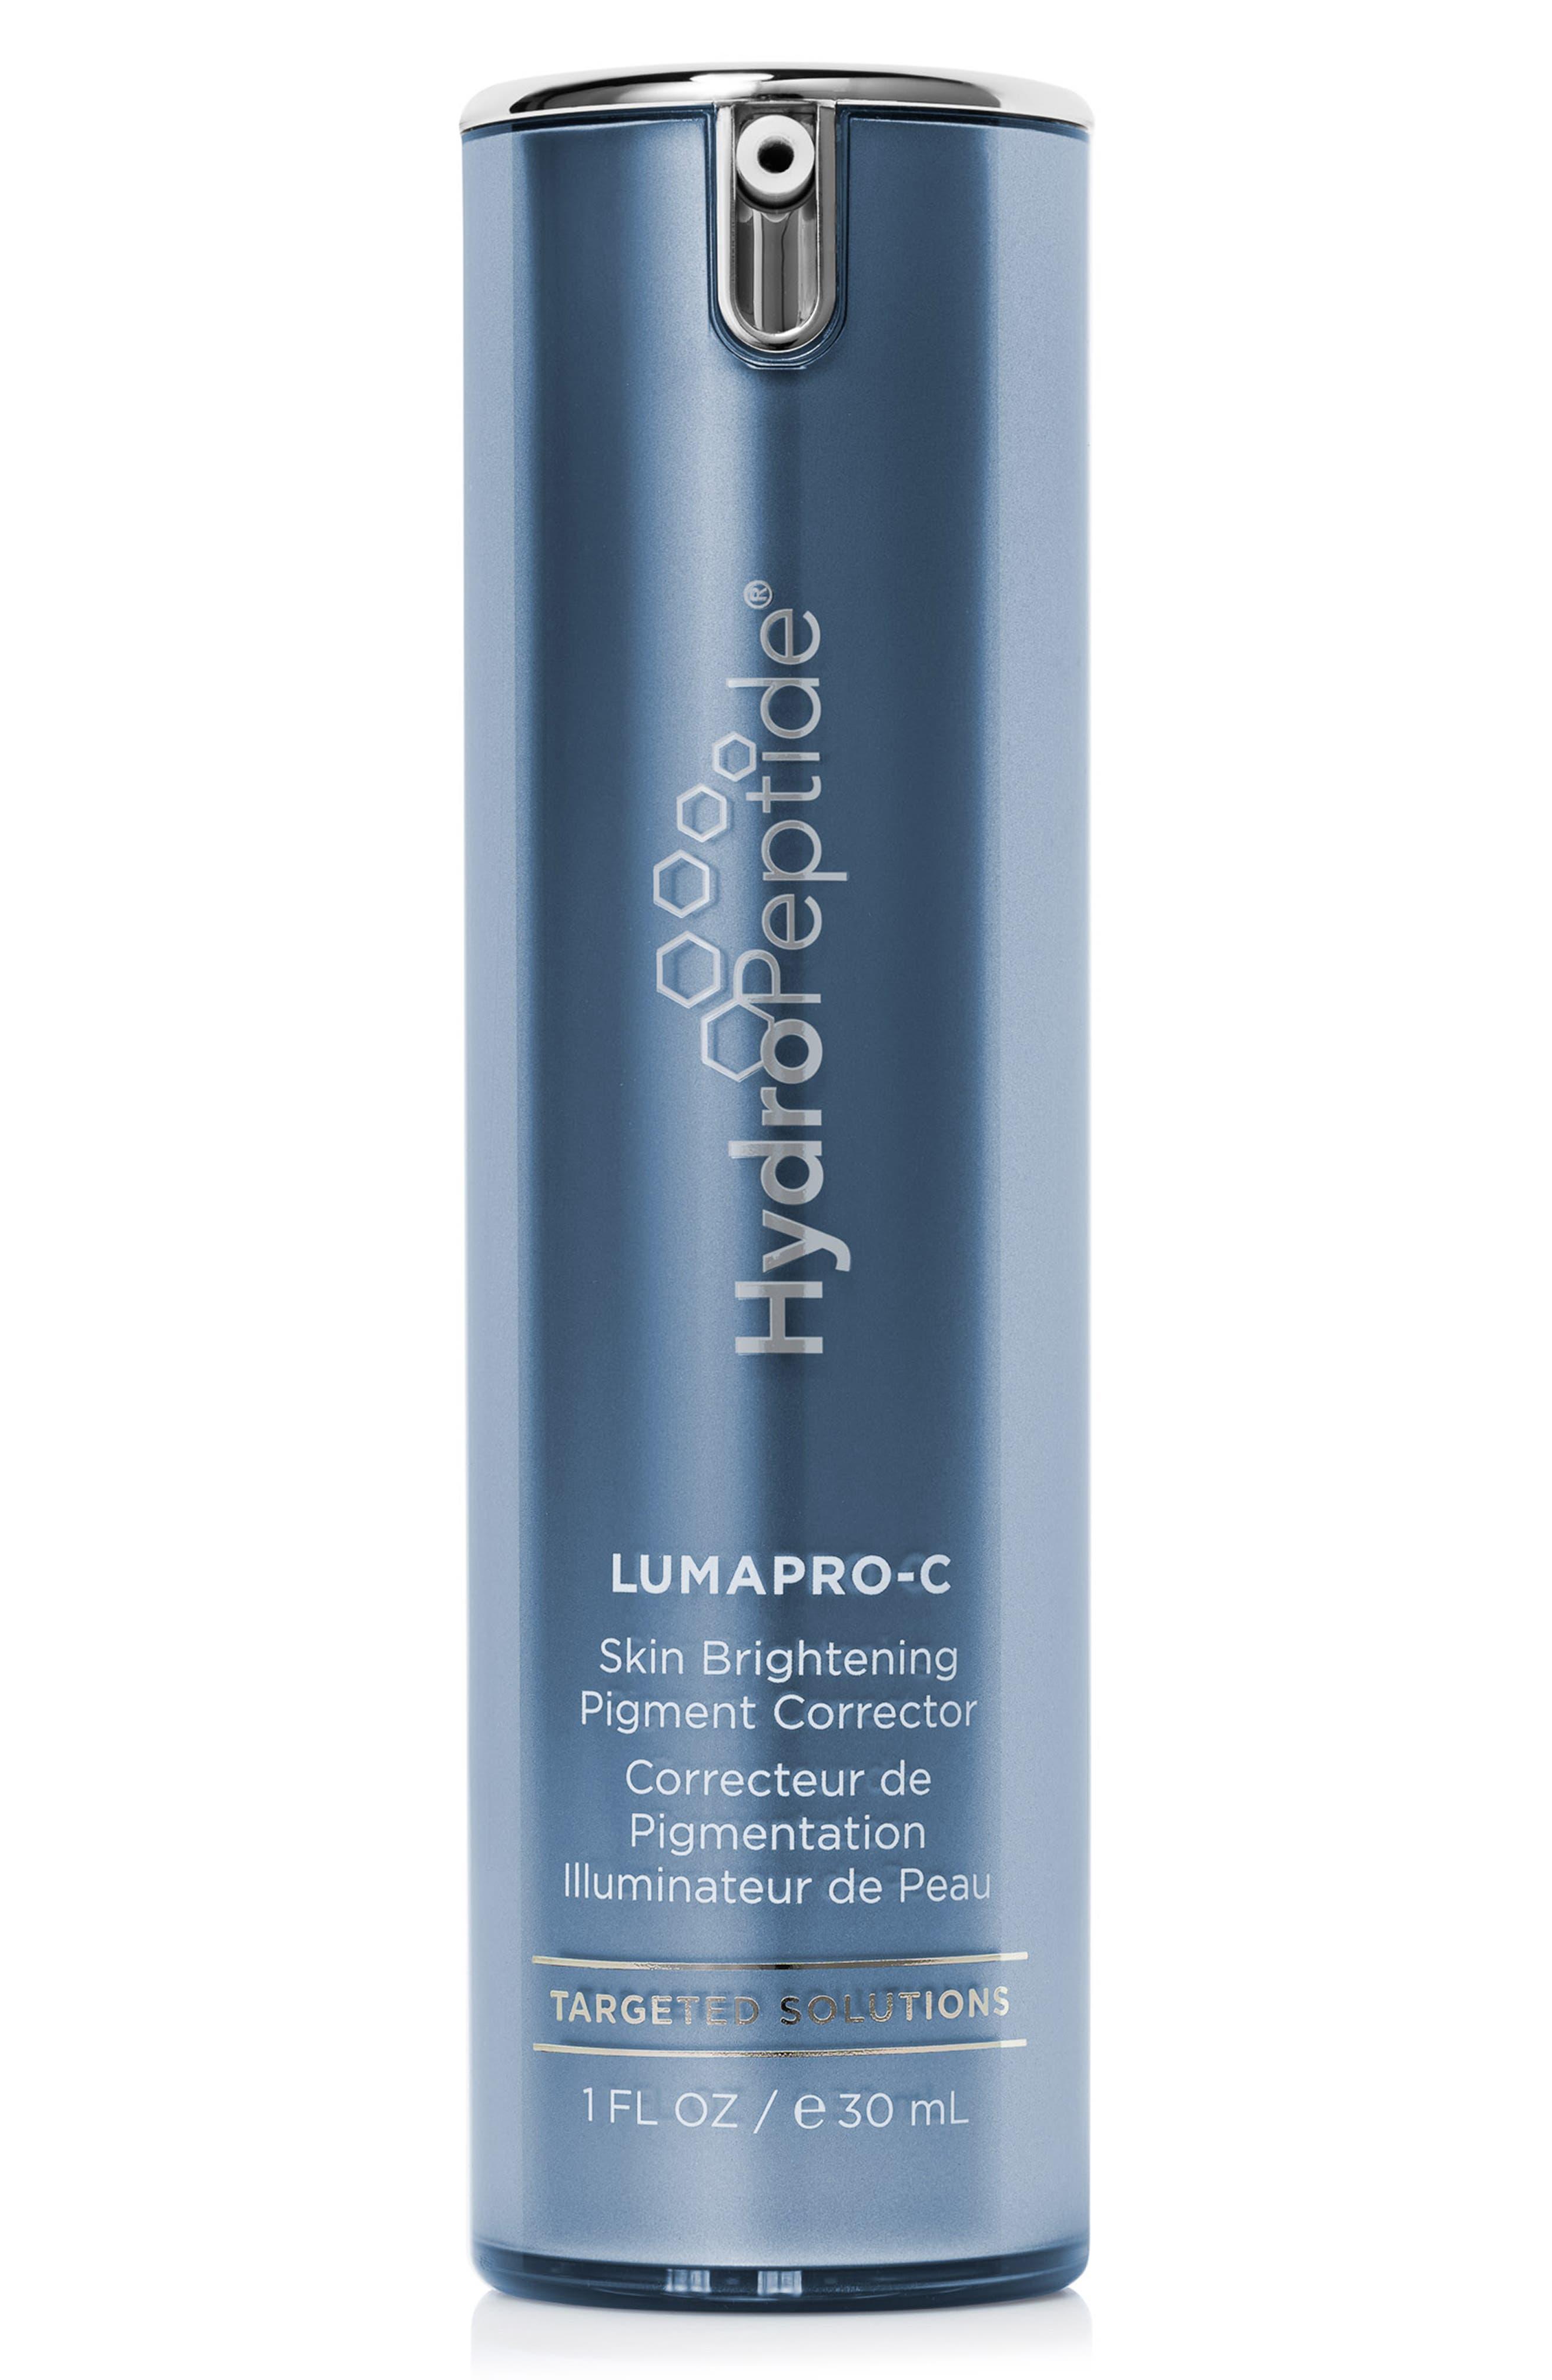 Lumapro-C Skin Brightening Pigment Corrector Serum